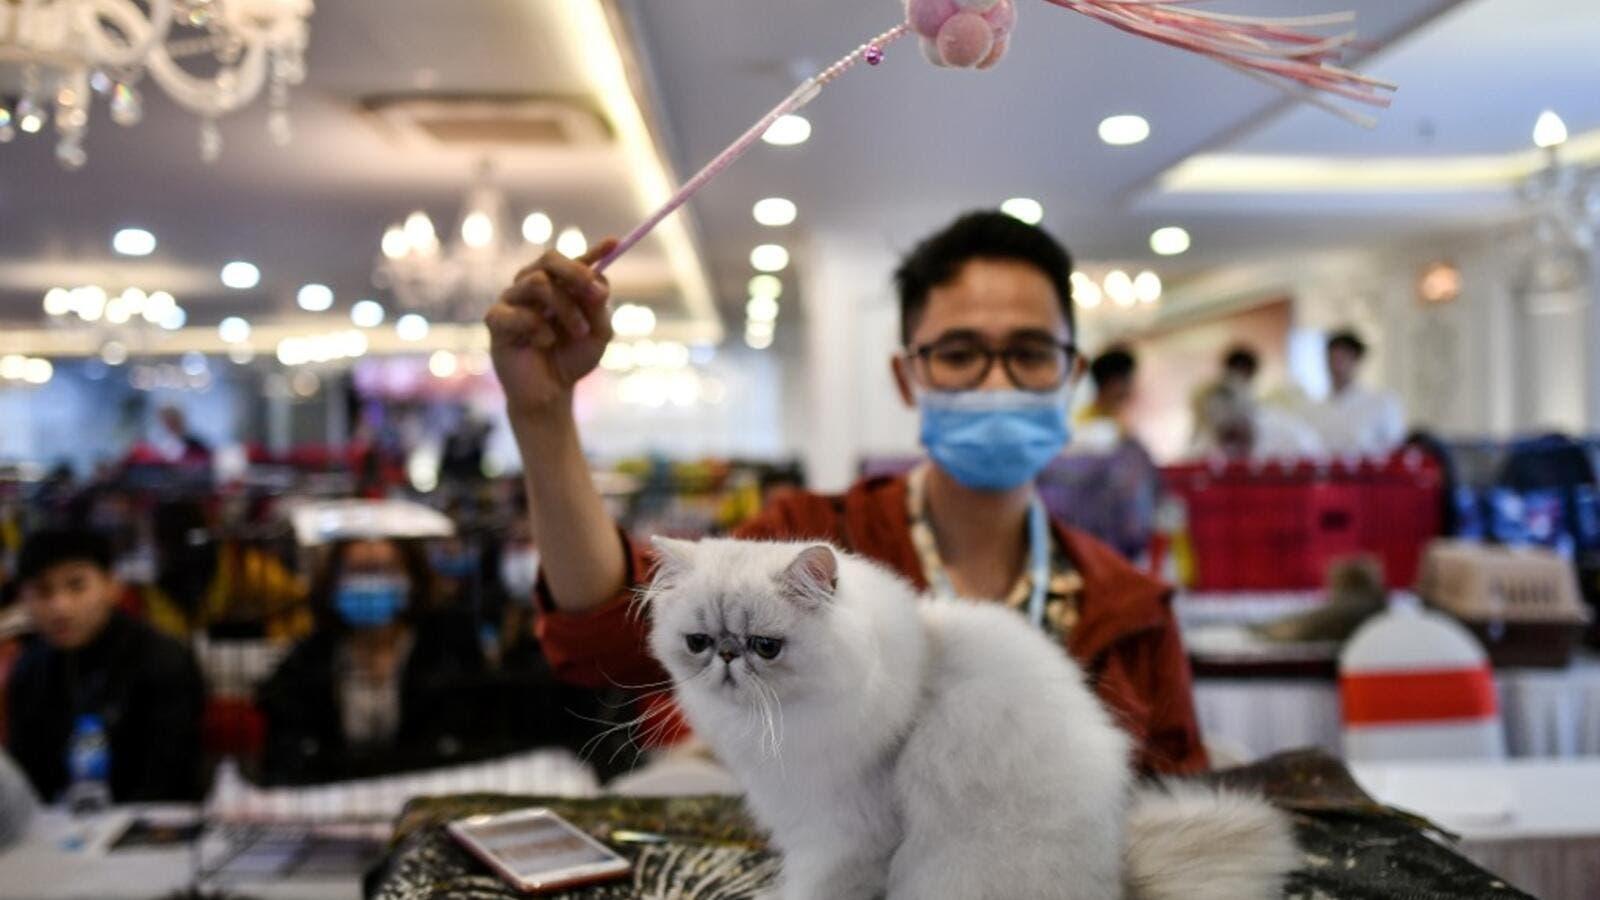 China may postpone annual congress because of coronavirus